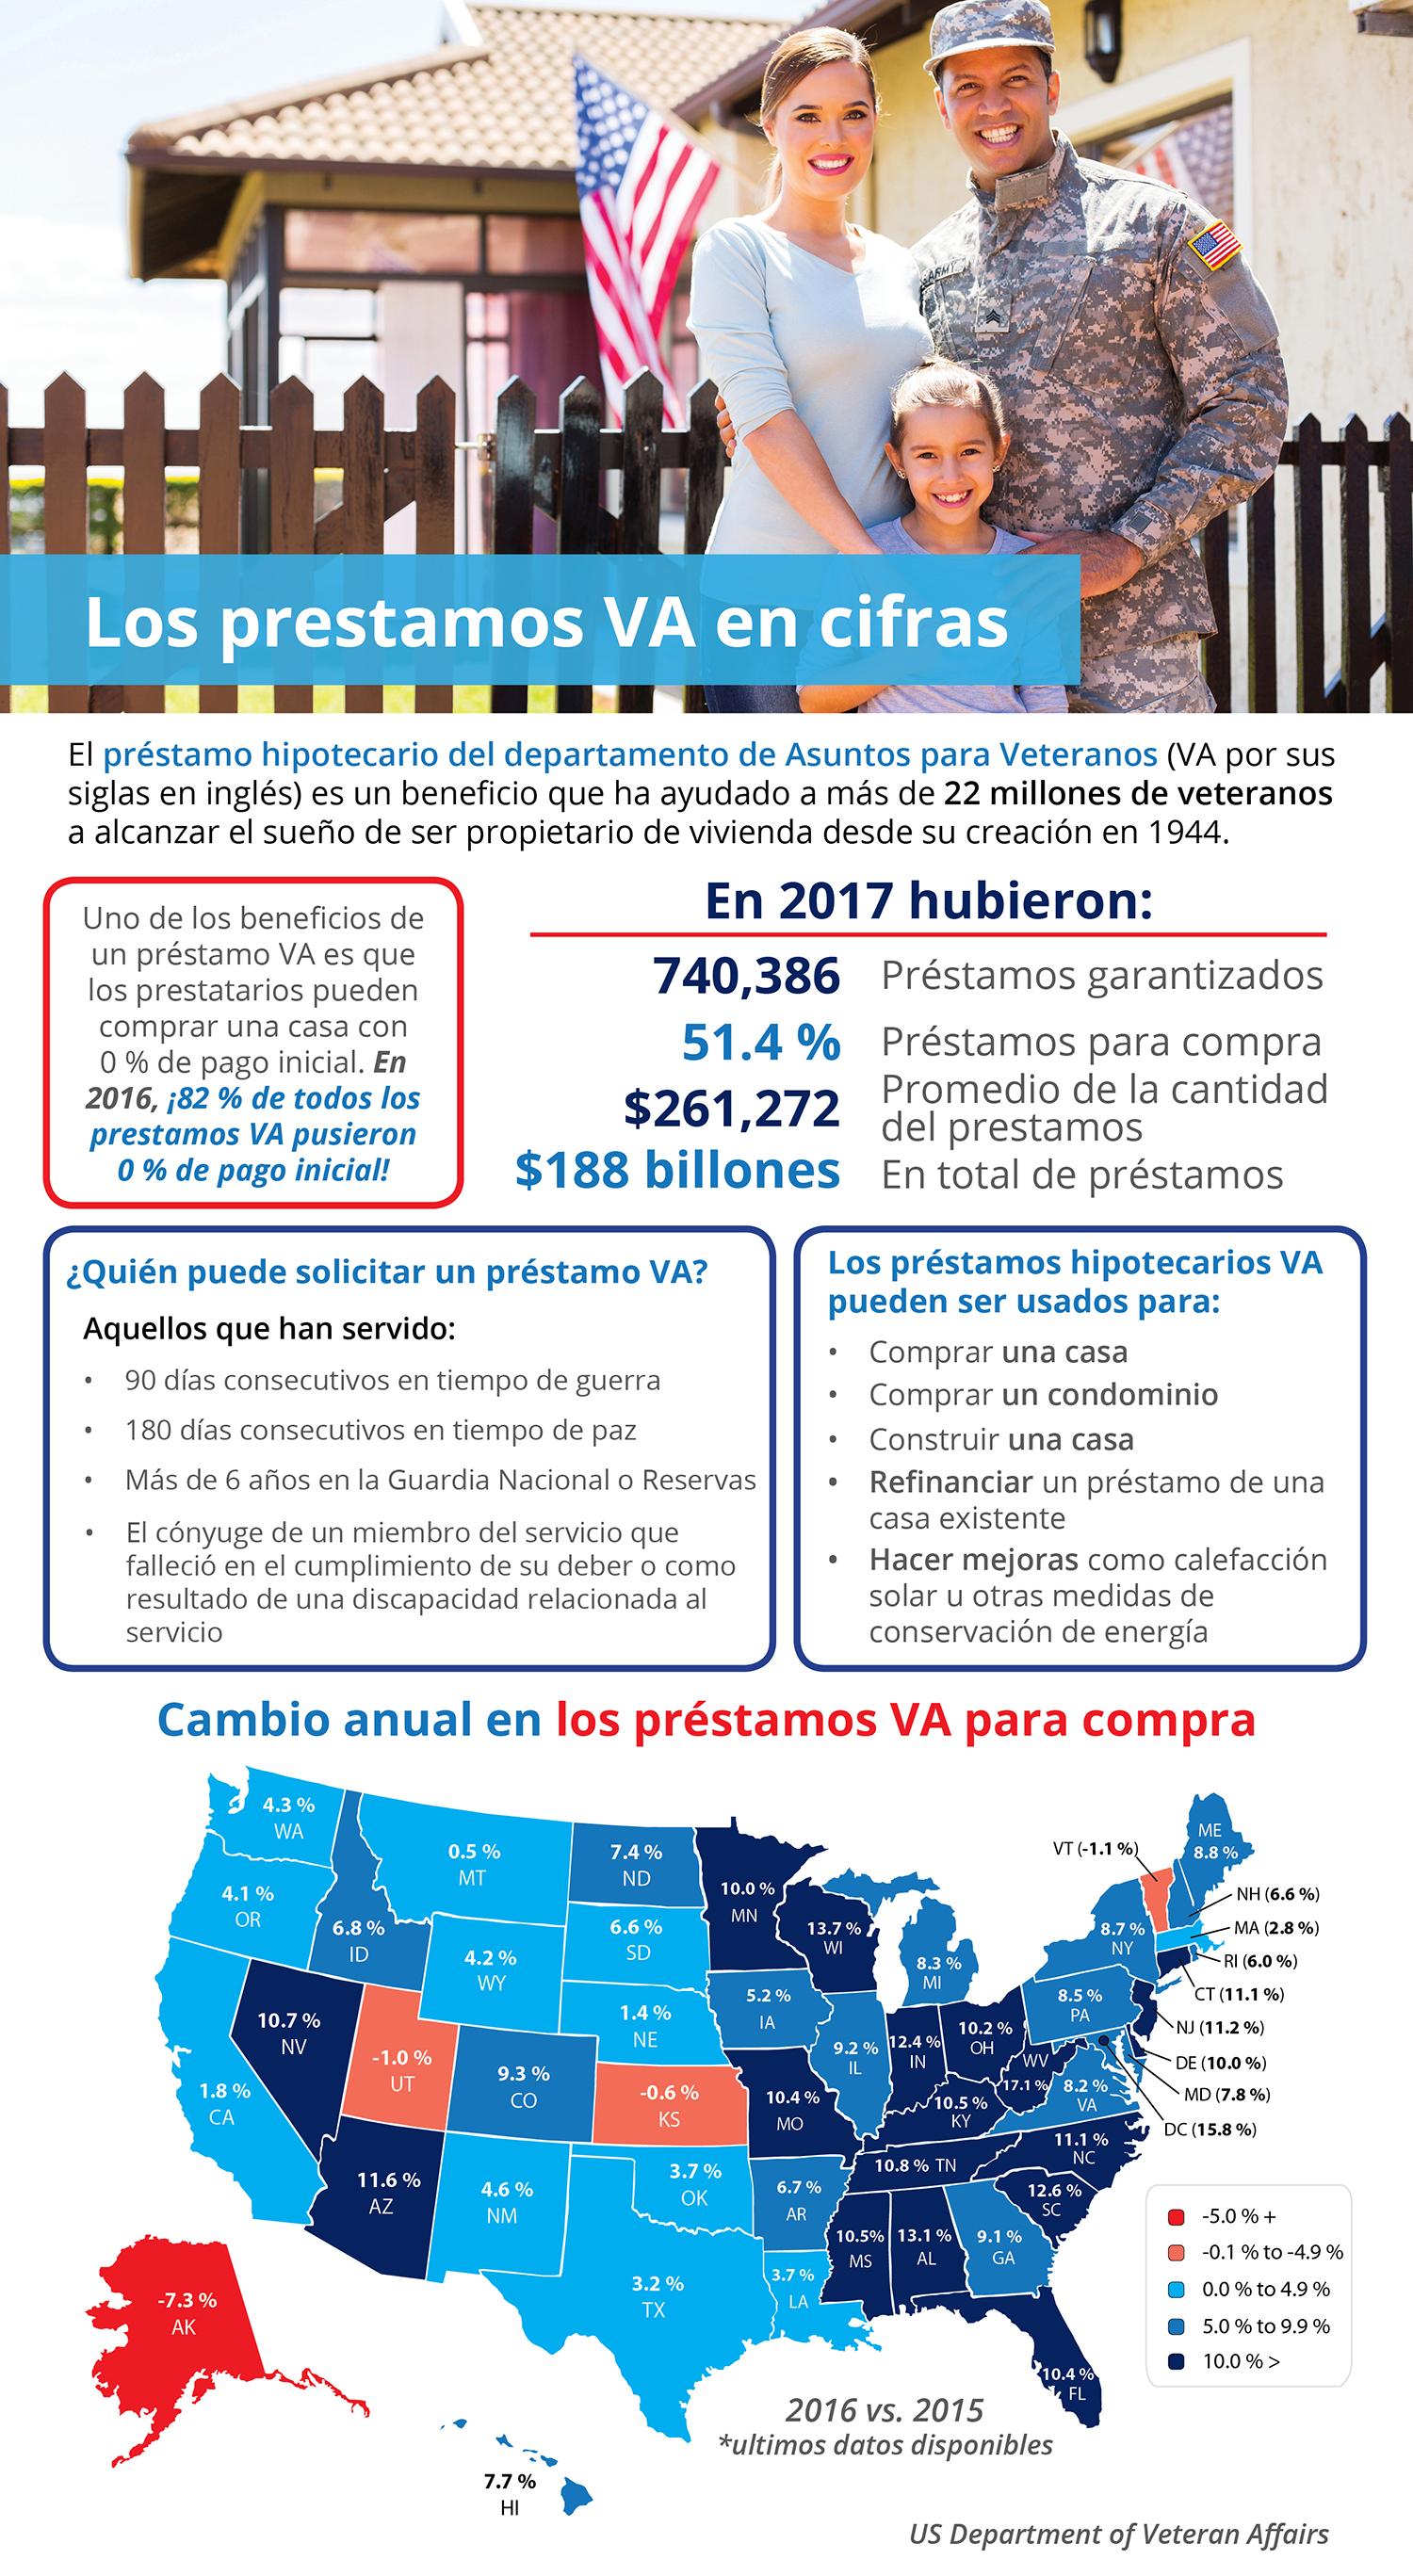 Los préstamos VA por cifras [infografía]| Simplifying The Market